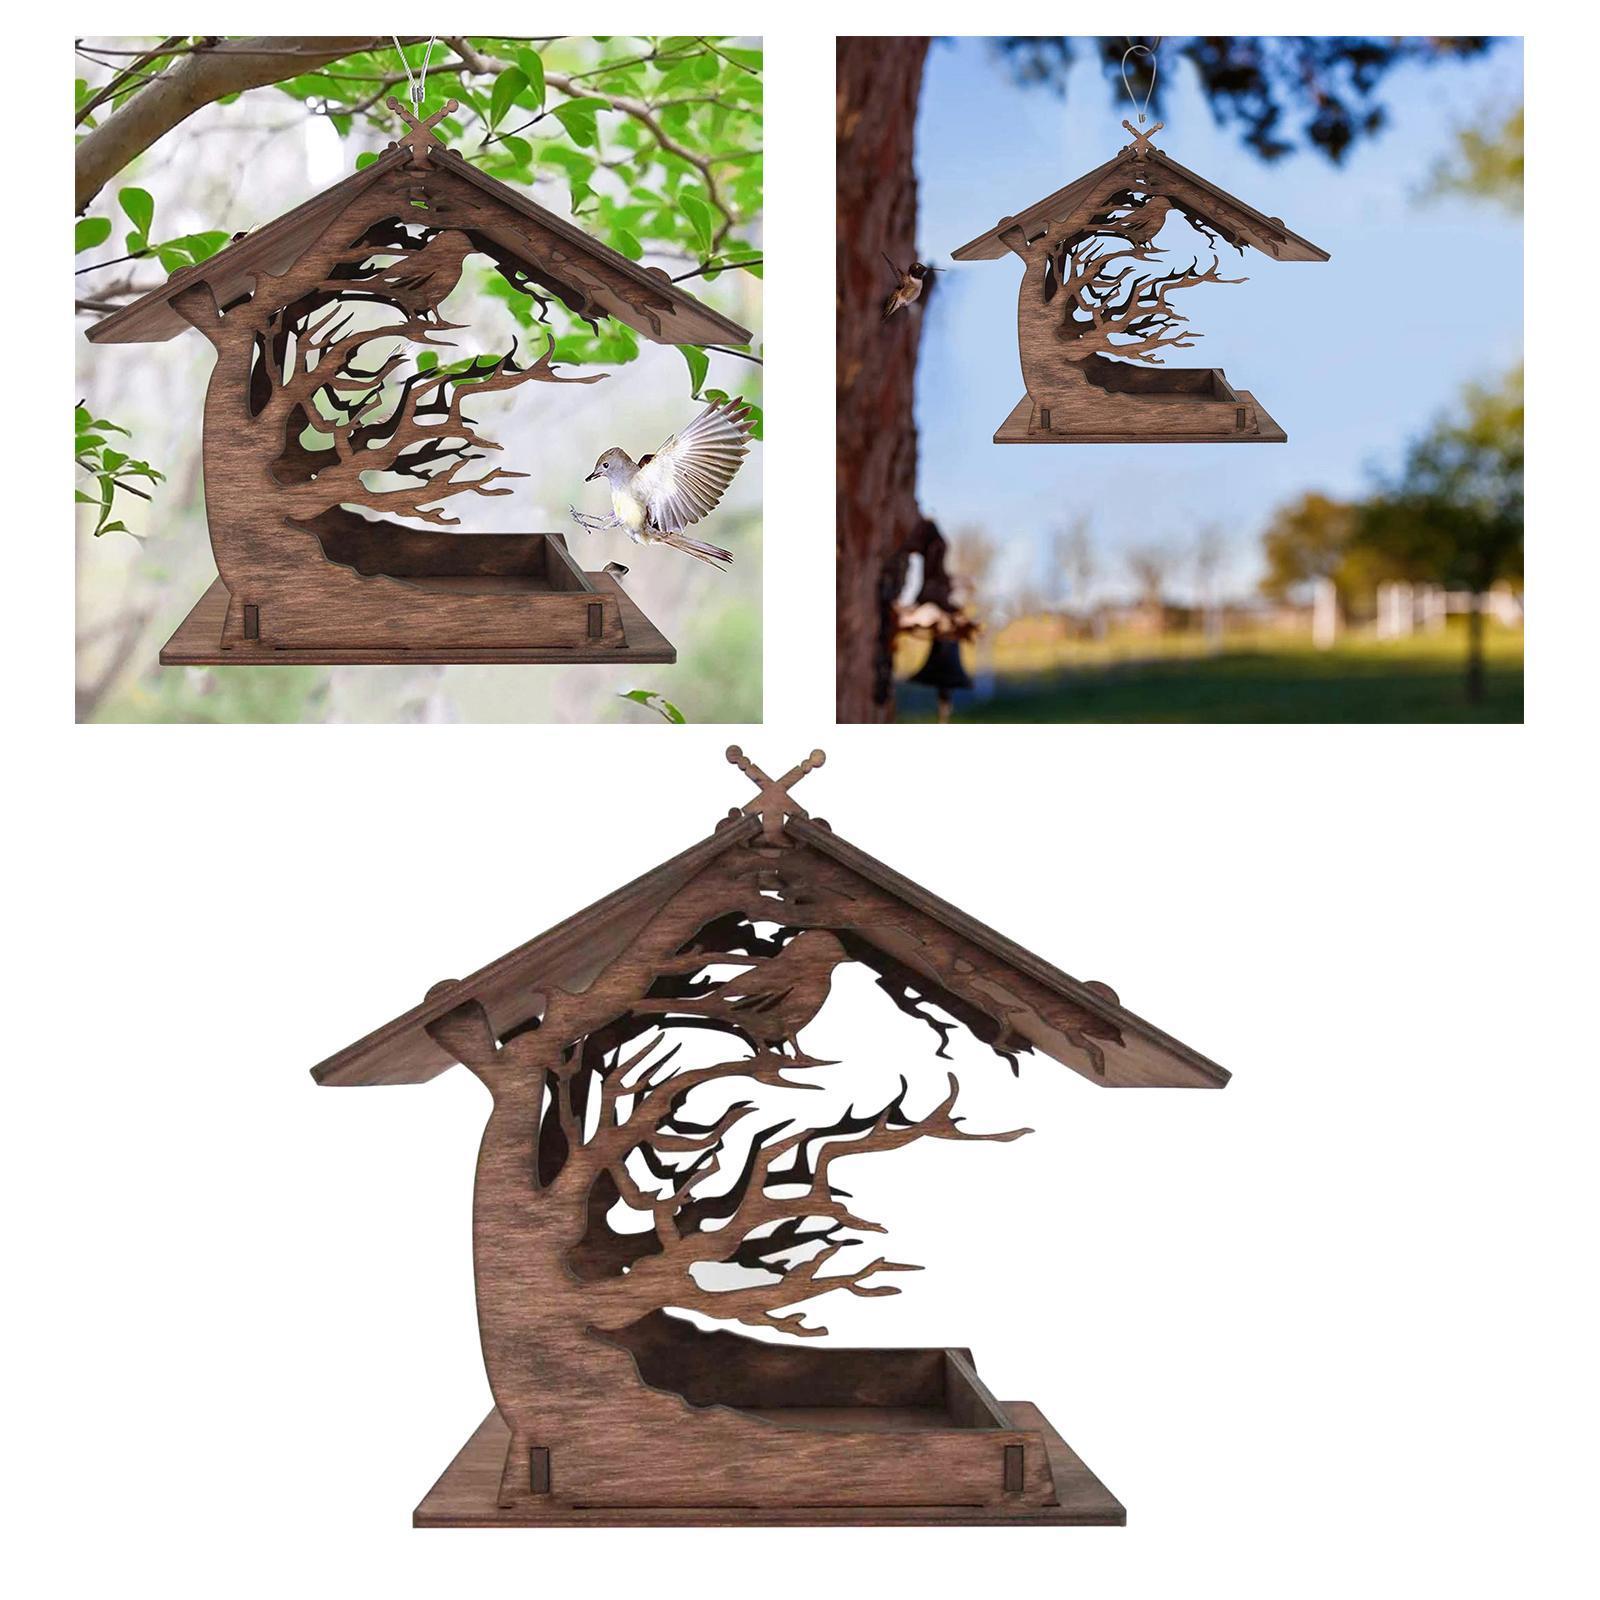 thumbnail 2 - Mangeoire à Oiseaux en bois Nichoir Décoration Extérieure Ornements